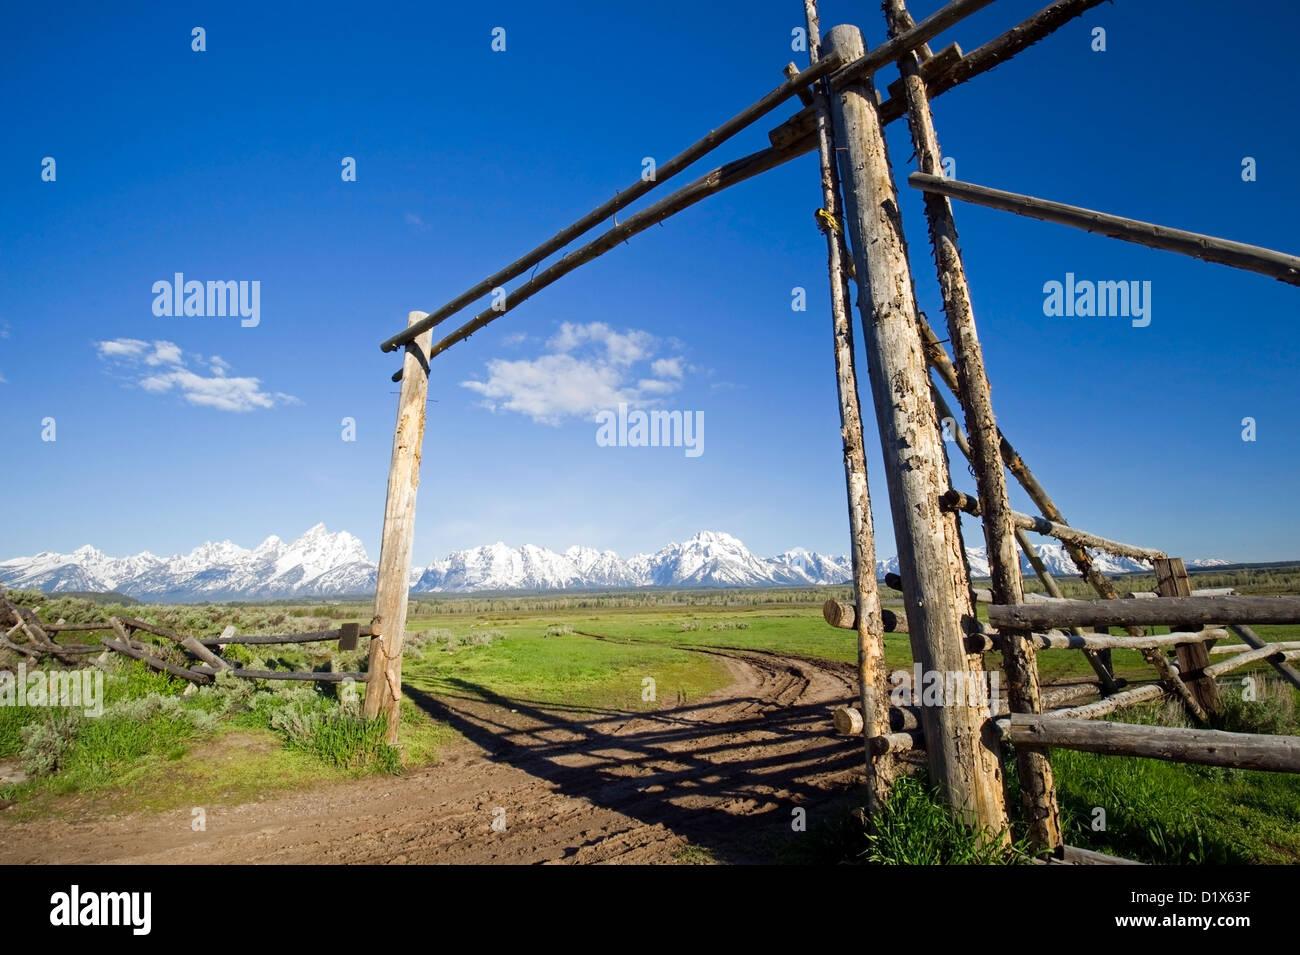 Ein altes Ranch Tor Rahmen Grand-Teton-Nationalpark, Wyoming ...